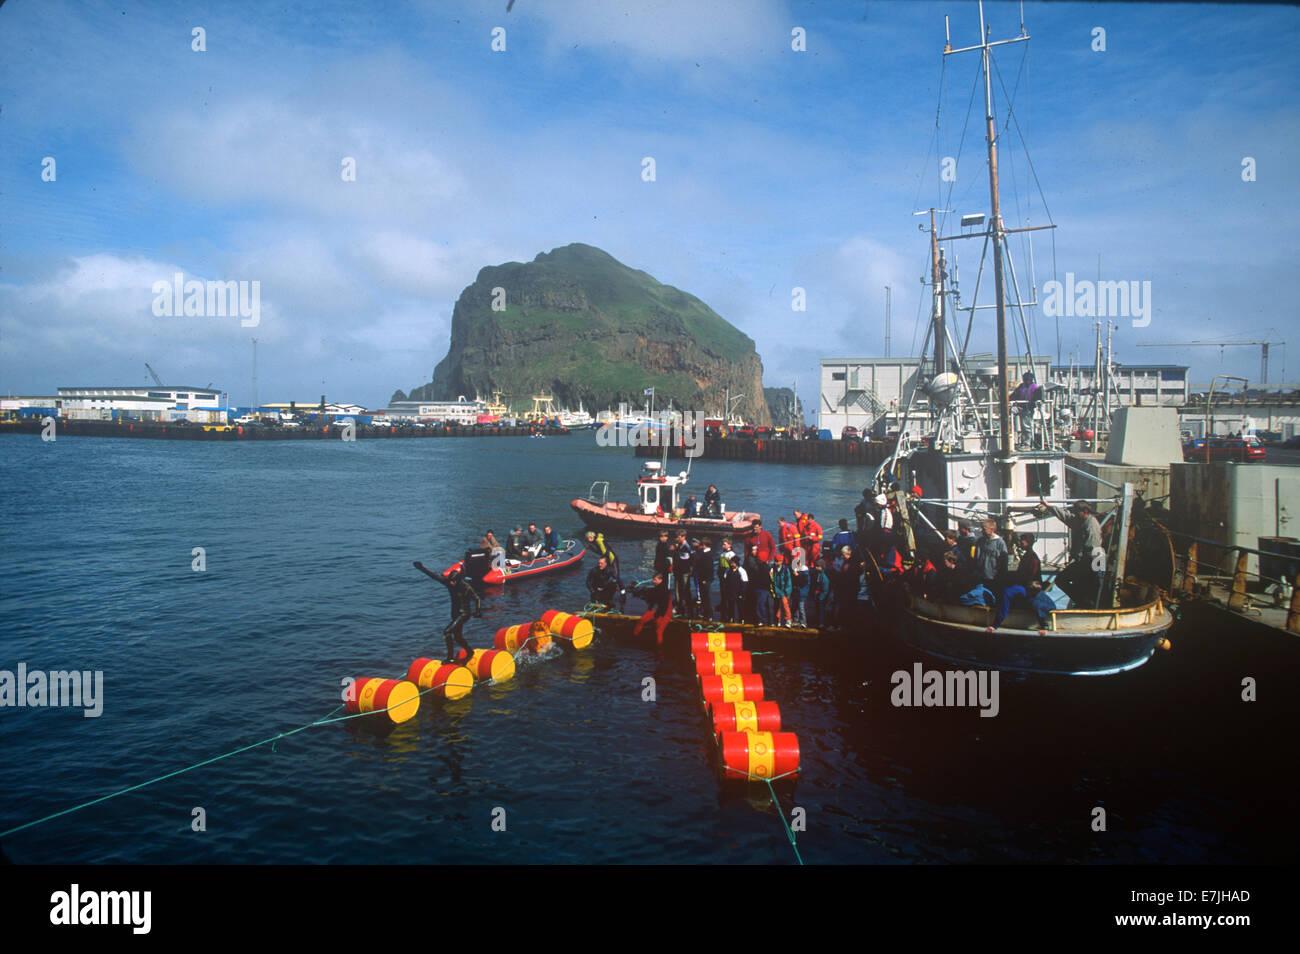 Canna jumping, concorrenza, competere, Seamens Festival, Westman Isola, Islanda, Scandinavia, scandinavo, fuori Immagini Stock